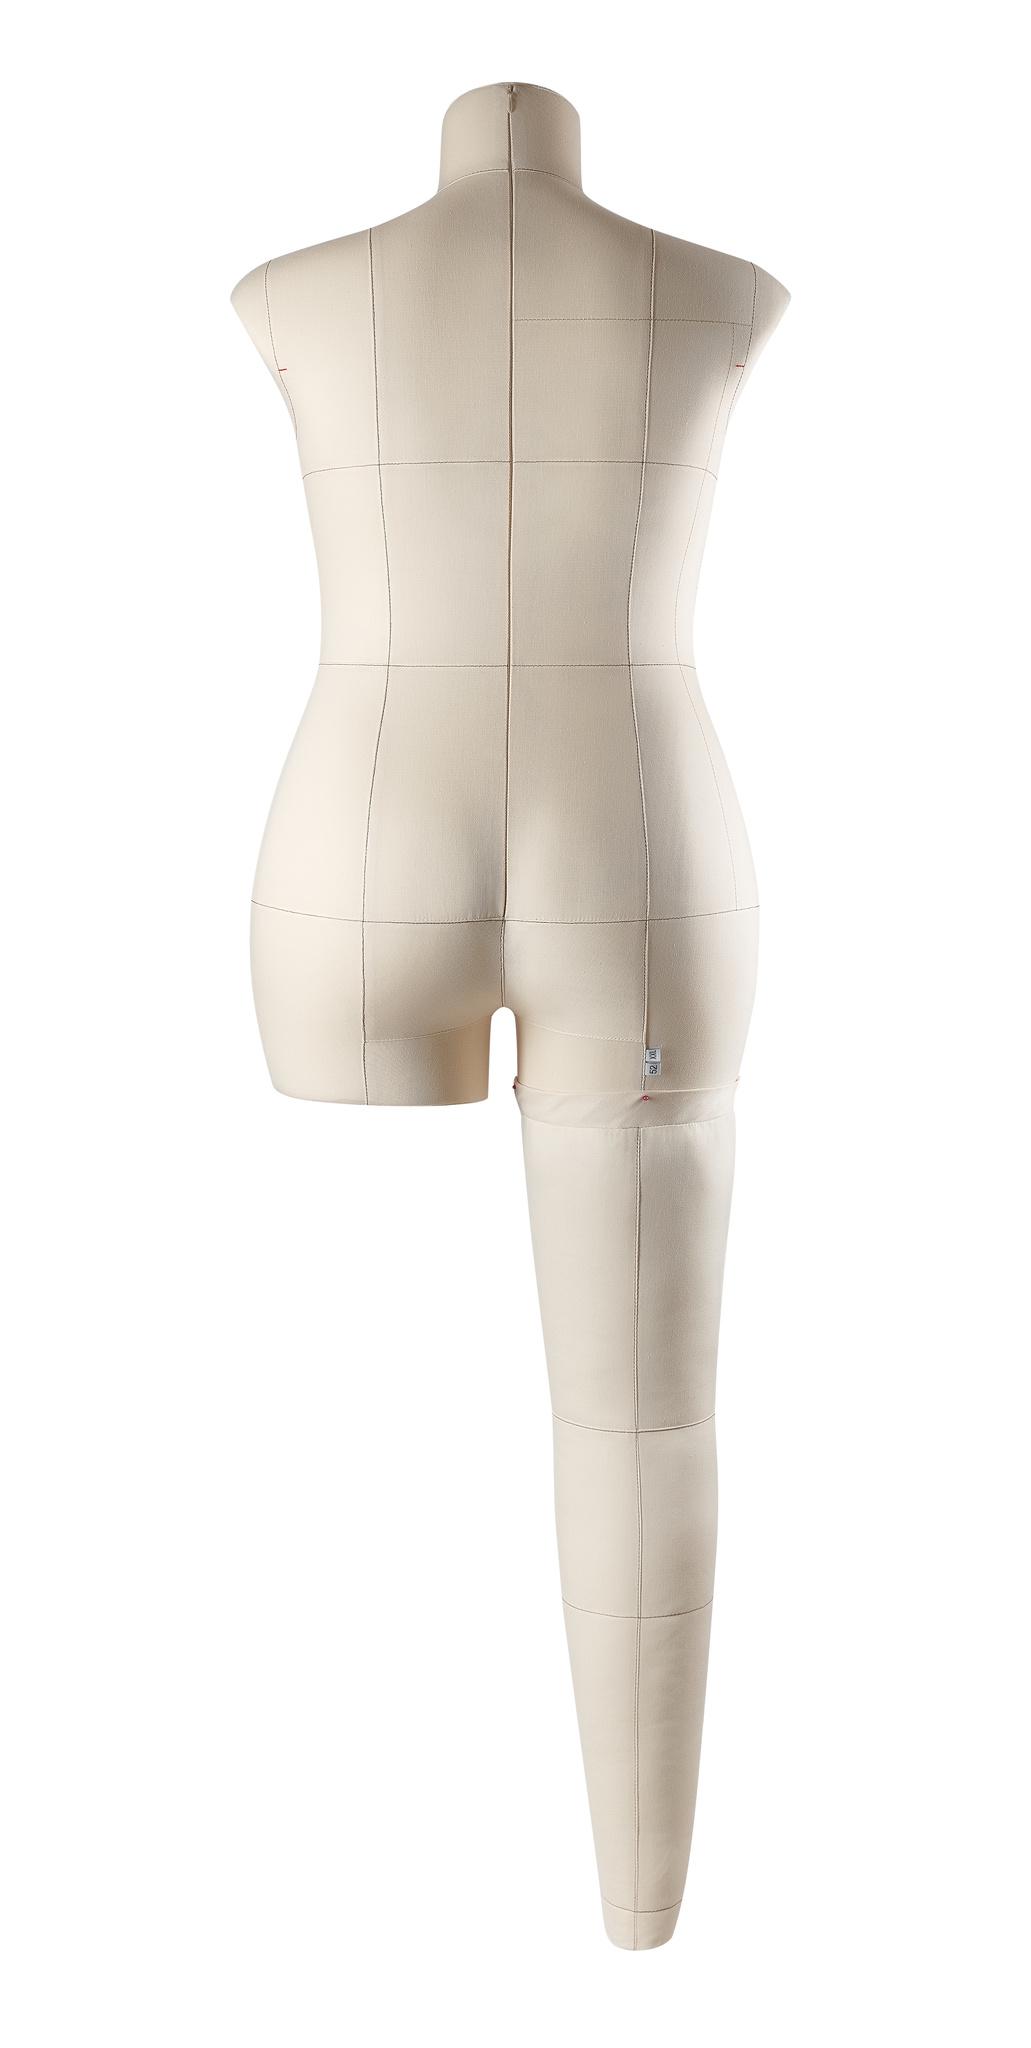 Нога бежевая для манекена Моника, 52 размер